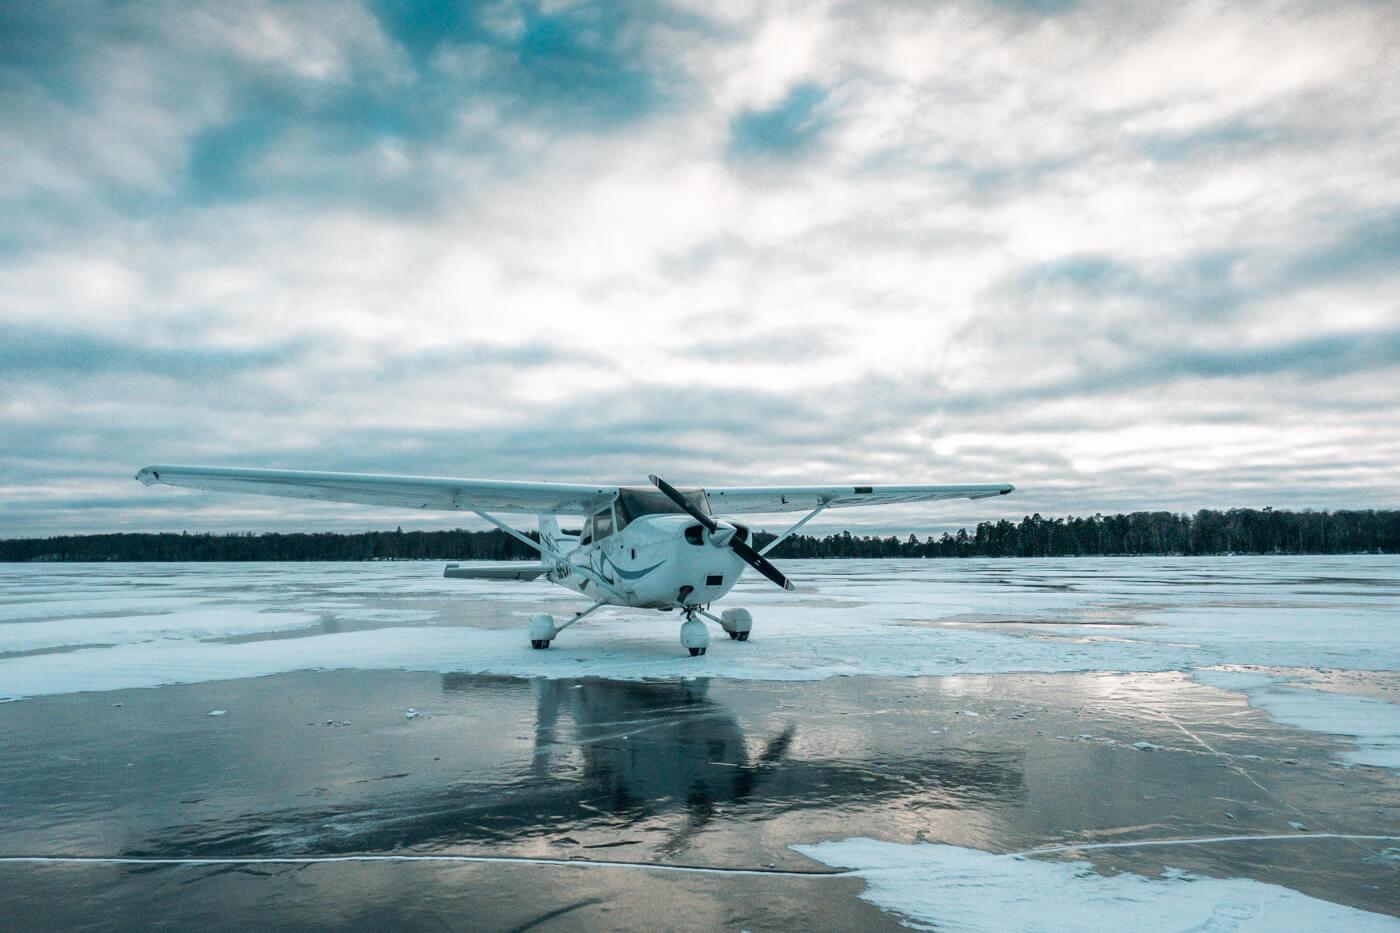 lądowanie na zamarzniętym jeziorze cessną